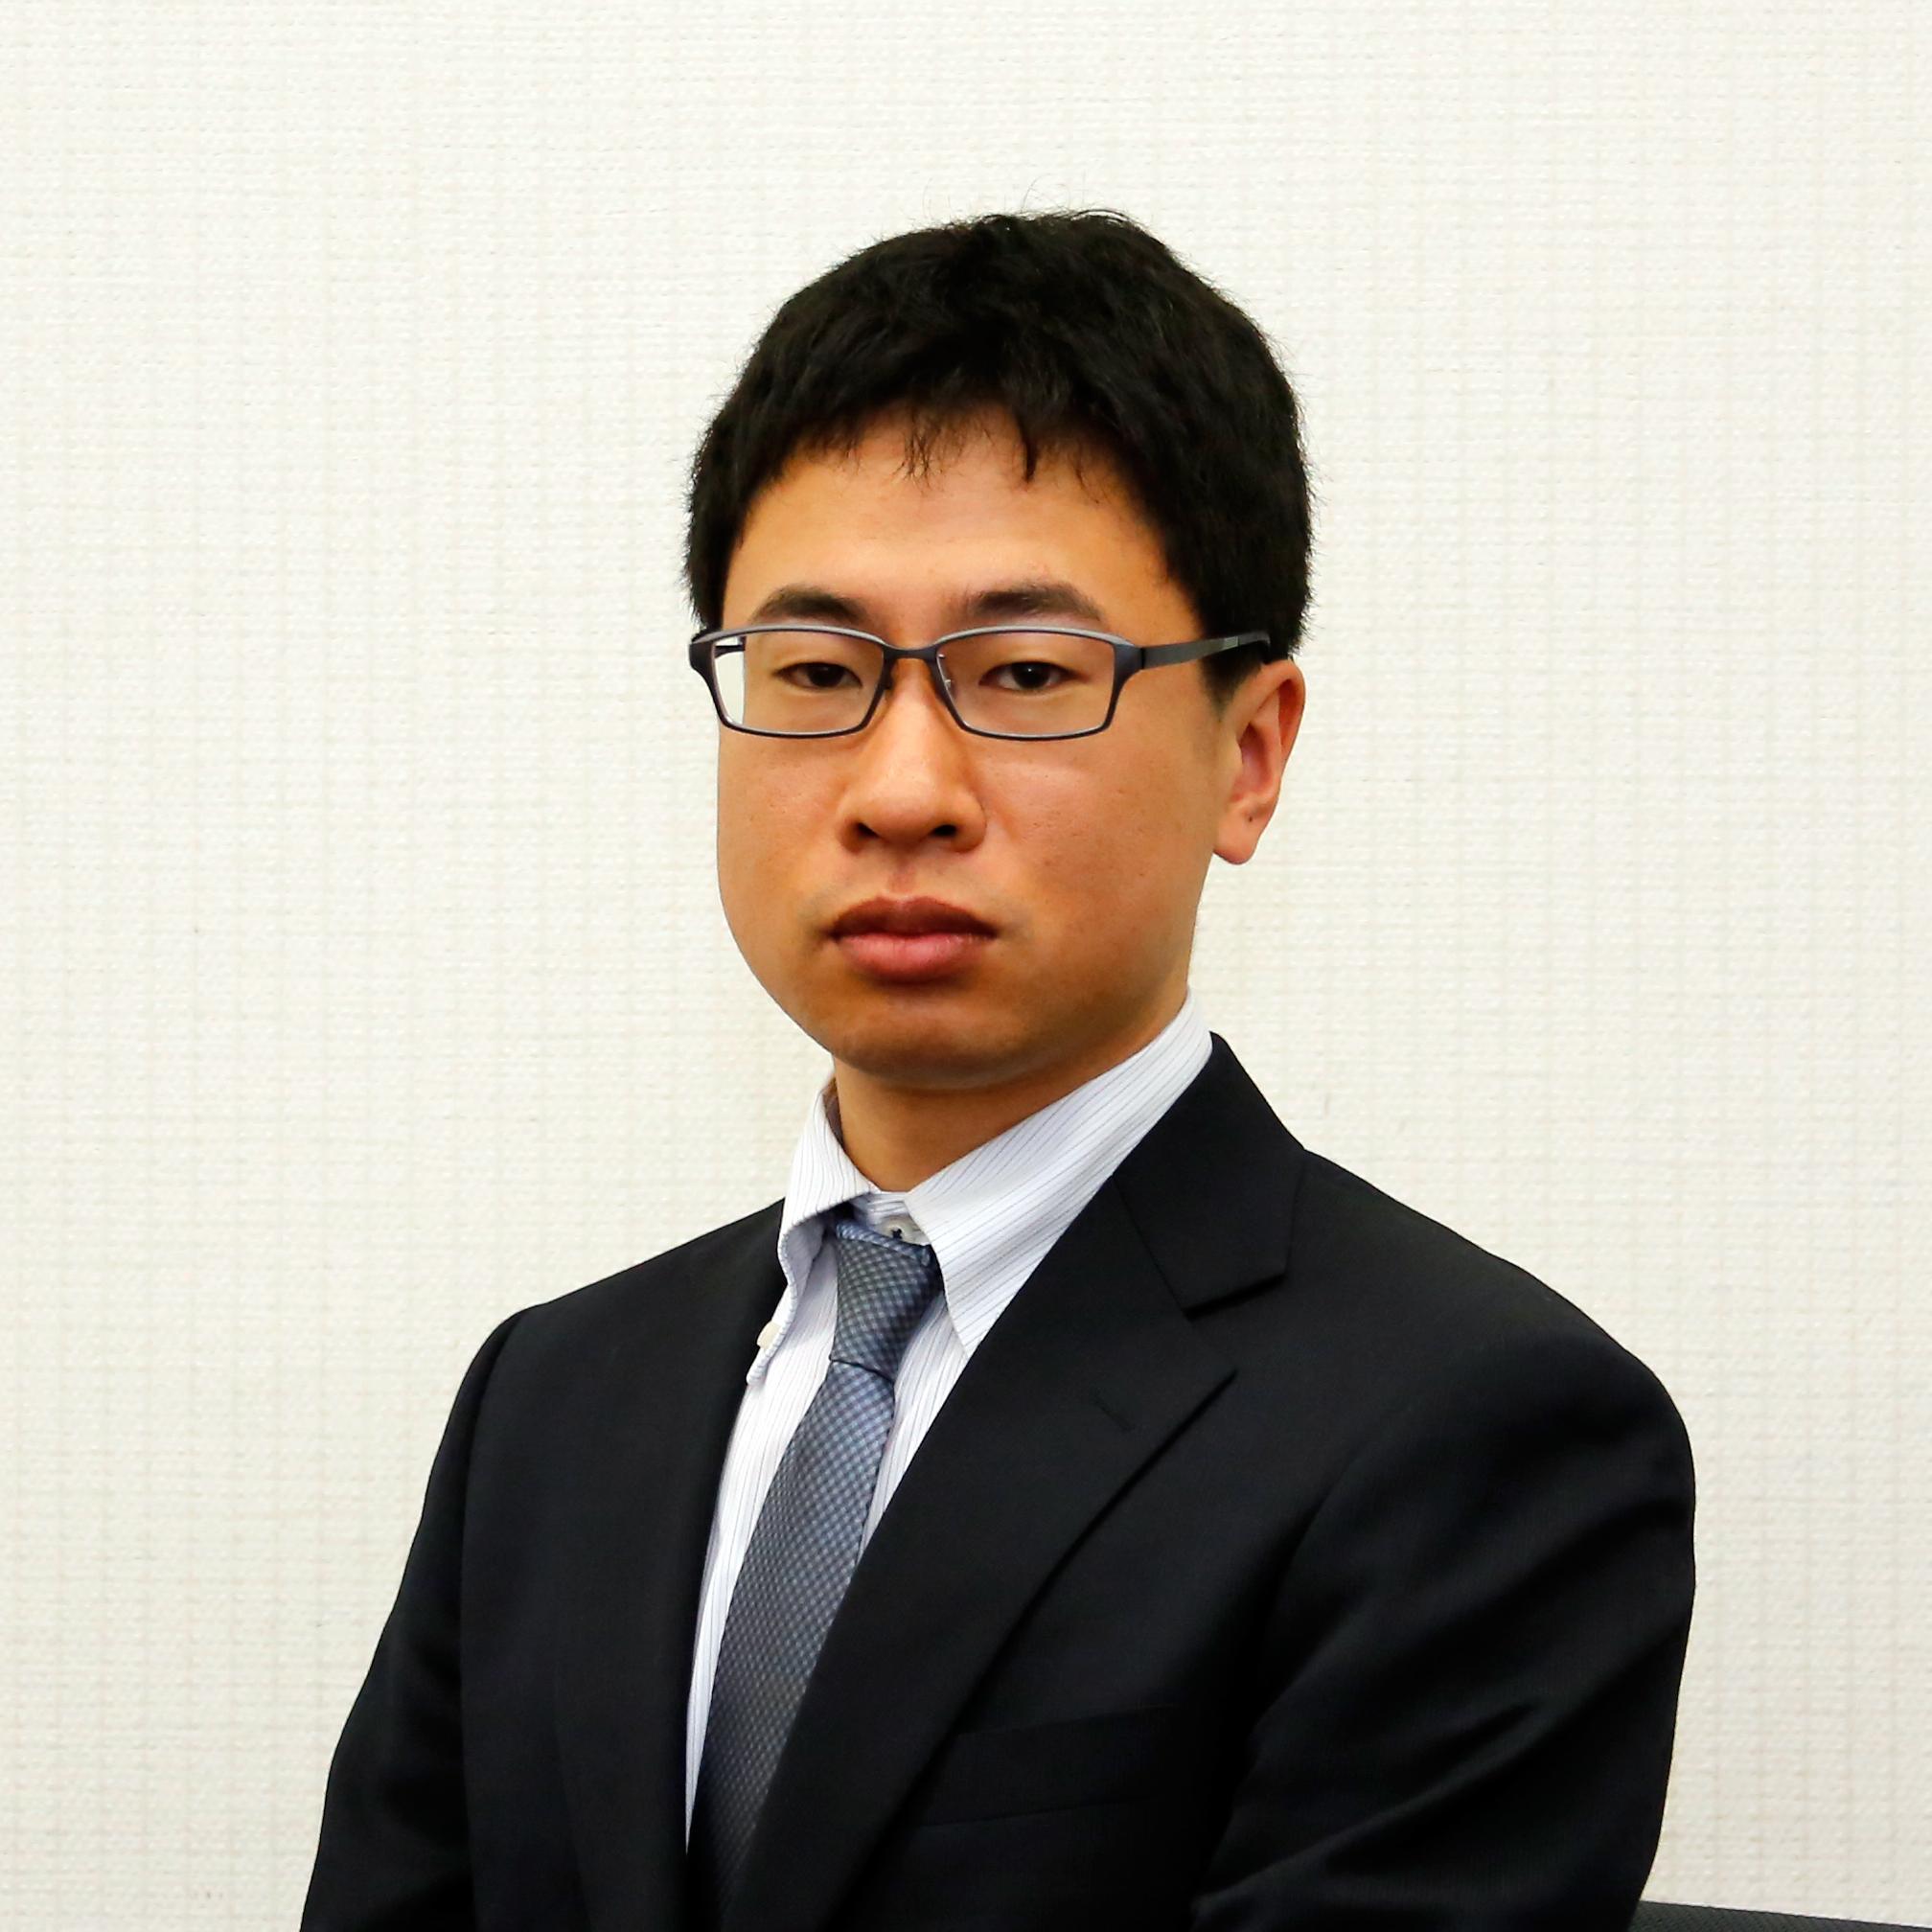 Ichiro Obinata